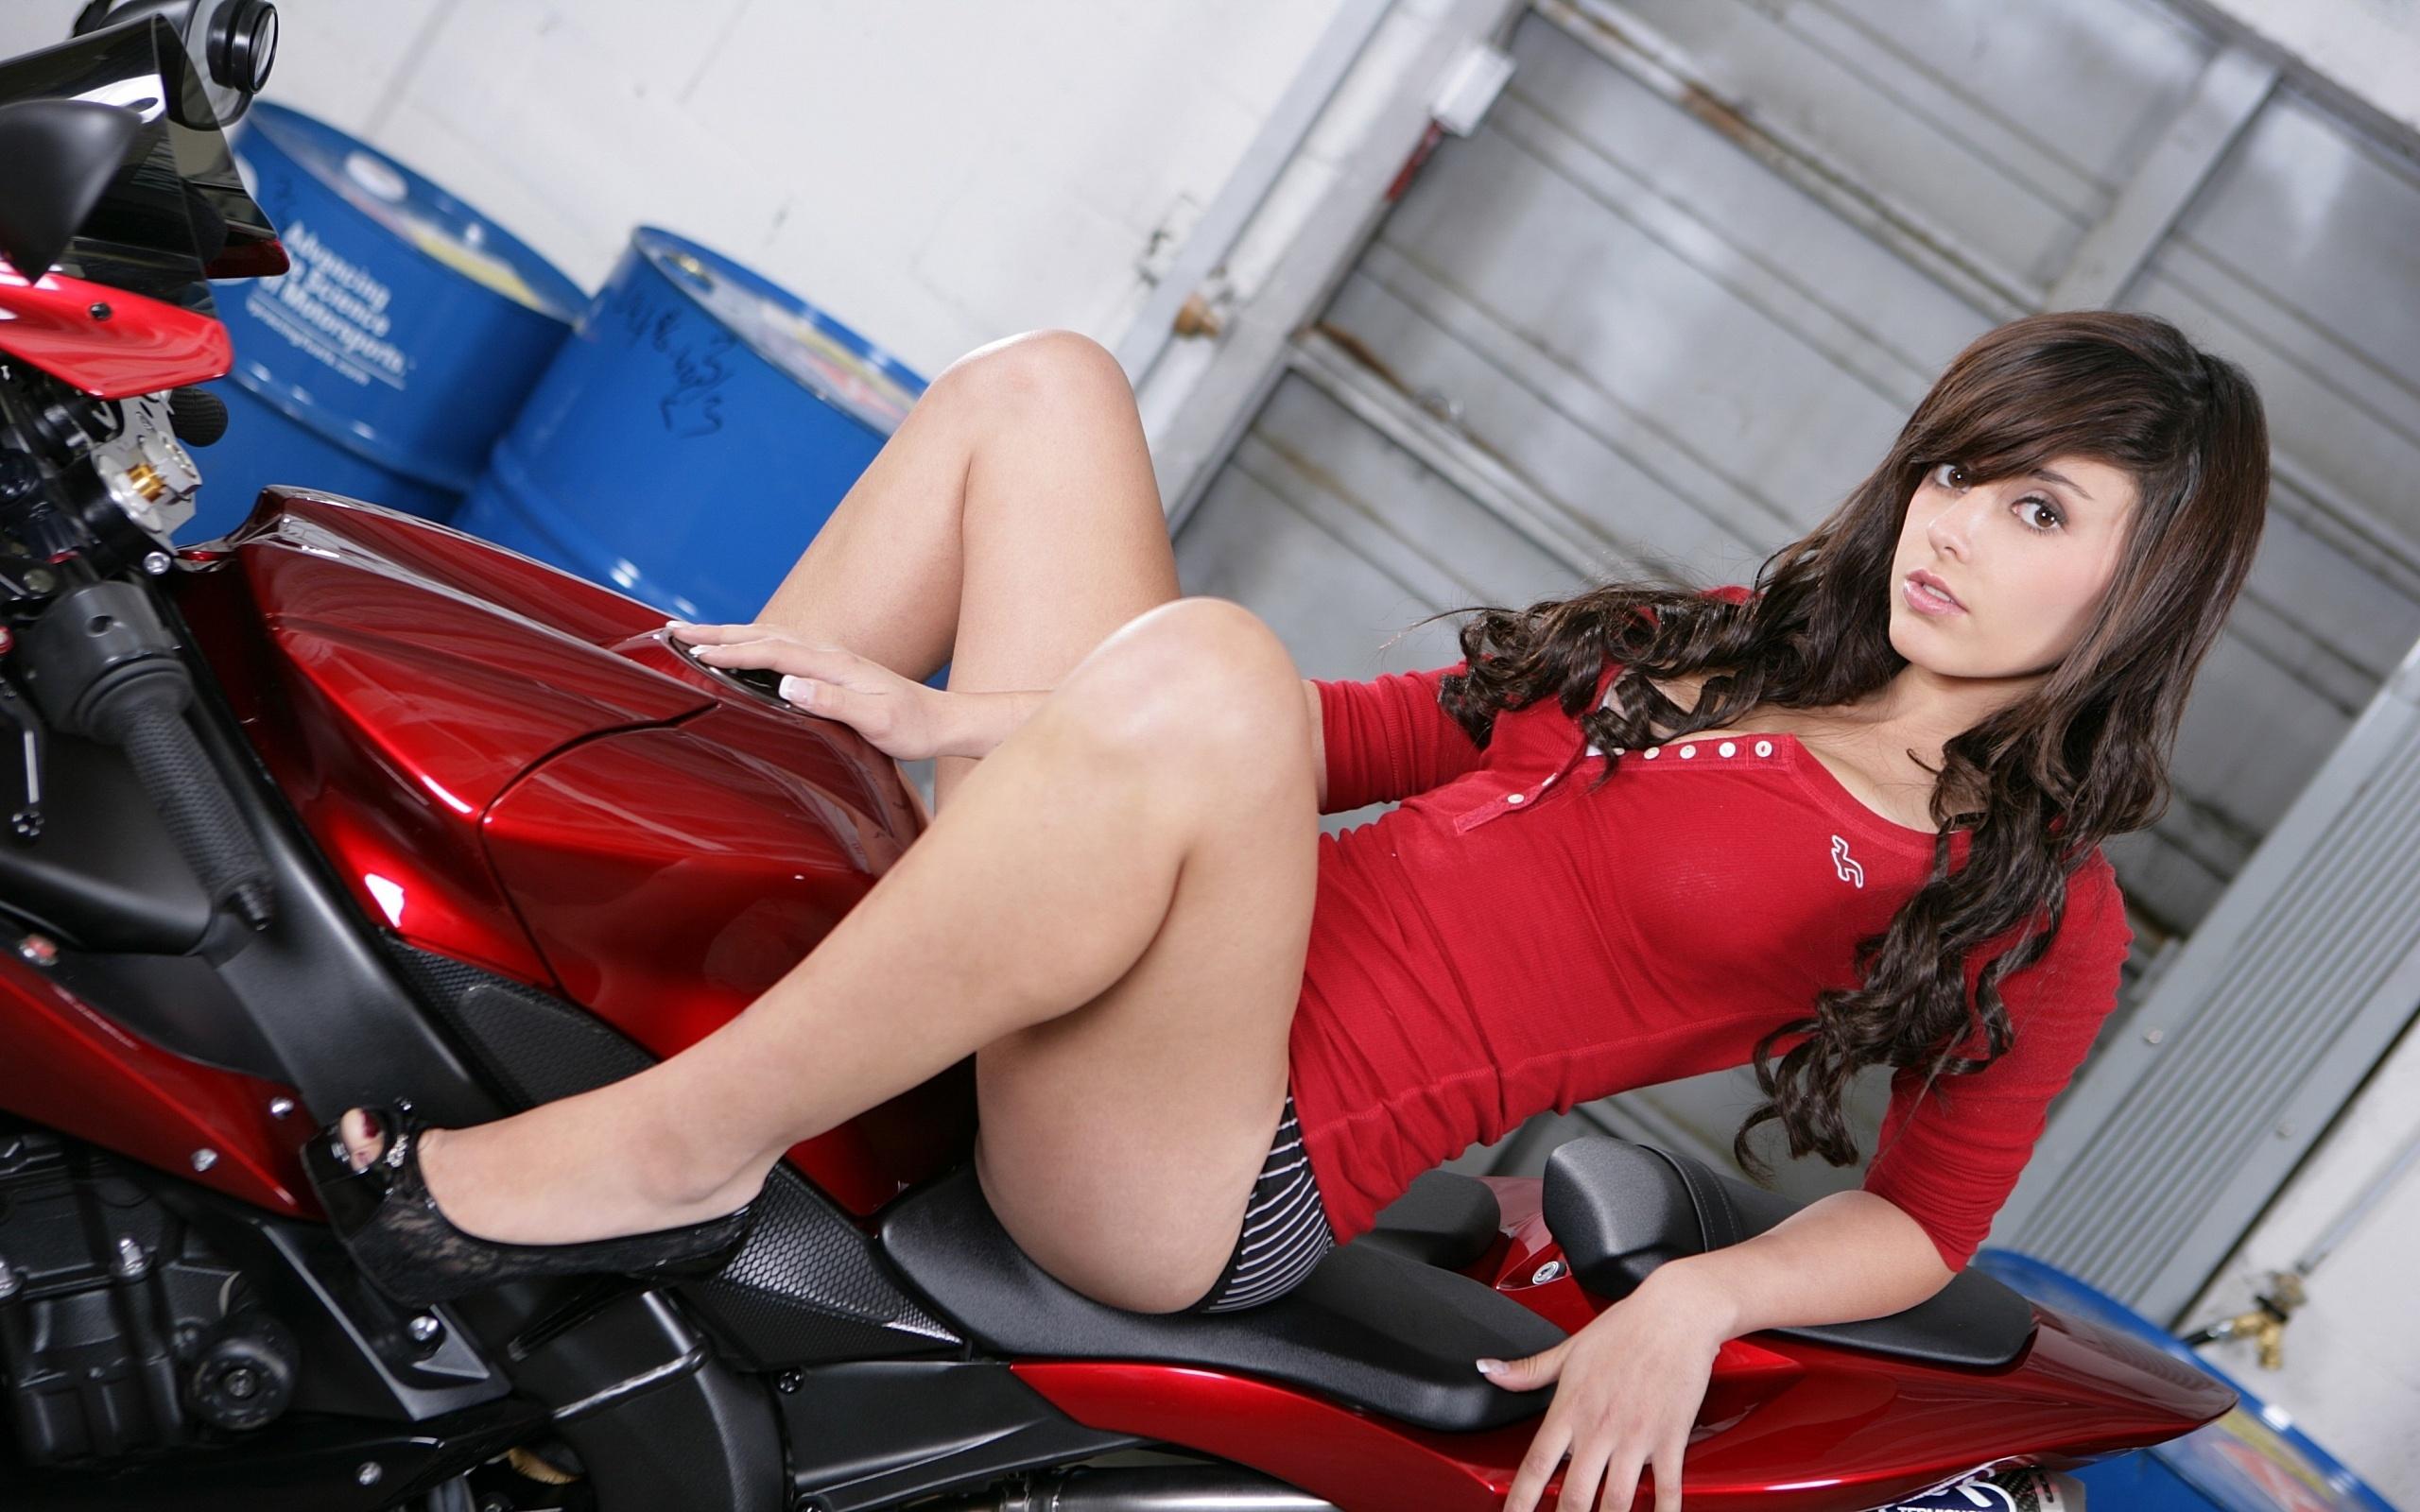 nude girl latina sex